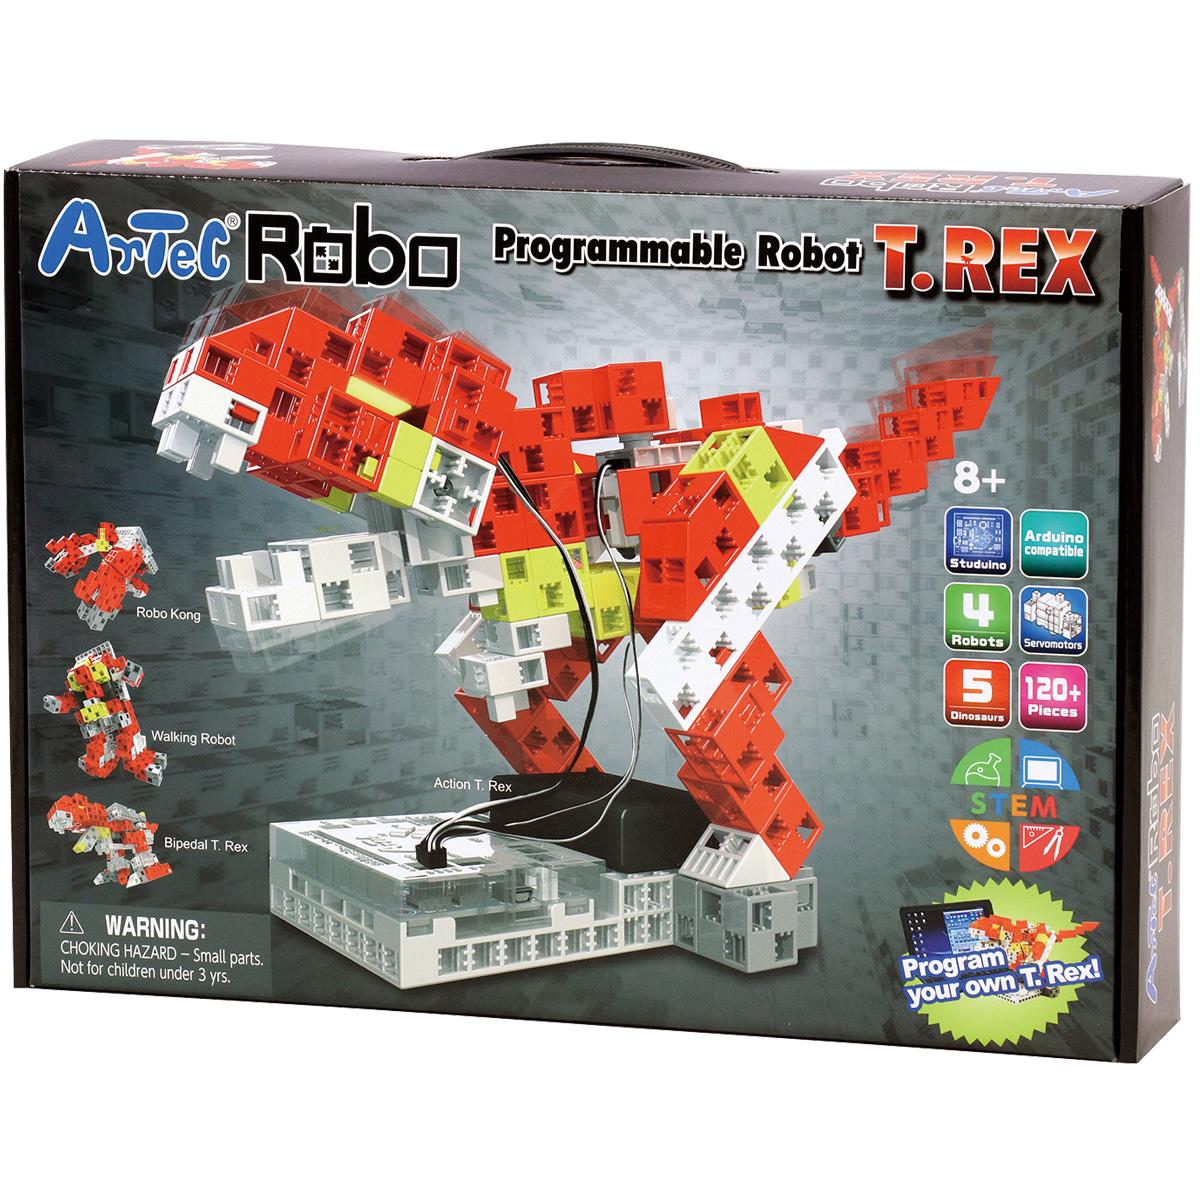 【20日限定クーポン配布中】ブロック おもちゃ アーテックブロック ロボティスト T.REX プログラミング 学習 日本製 ロボット Artec ブロック キッズ ジュニア パーツ 知育玩具 レゴ・レゴブロックのように自由に遊べます